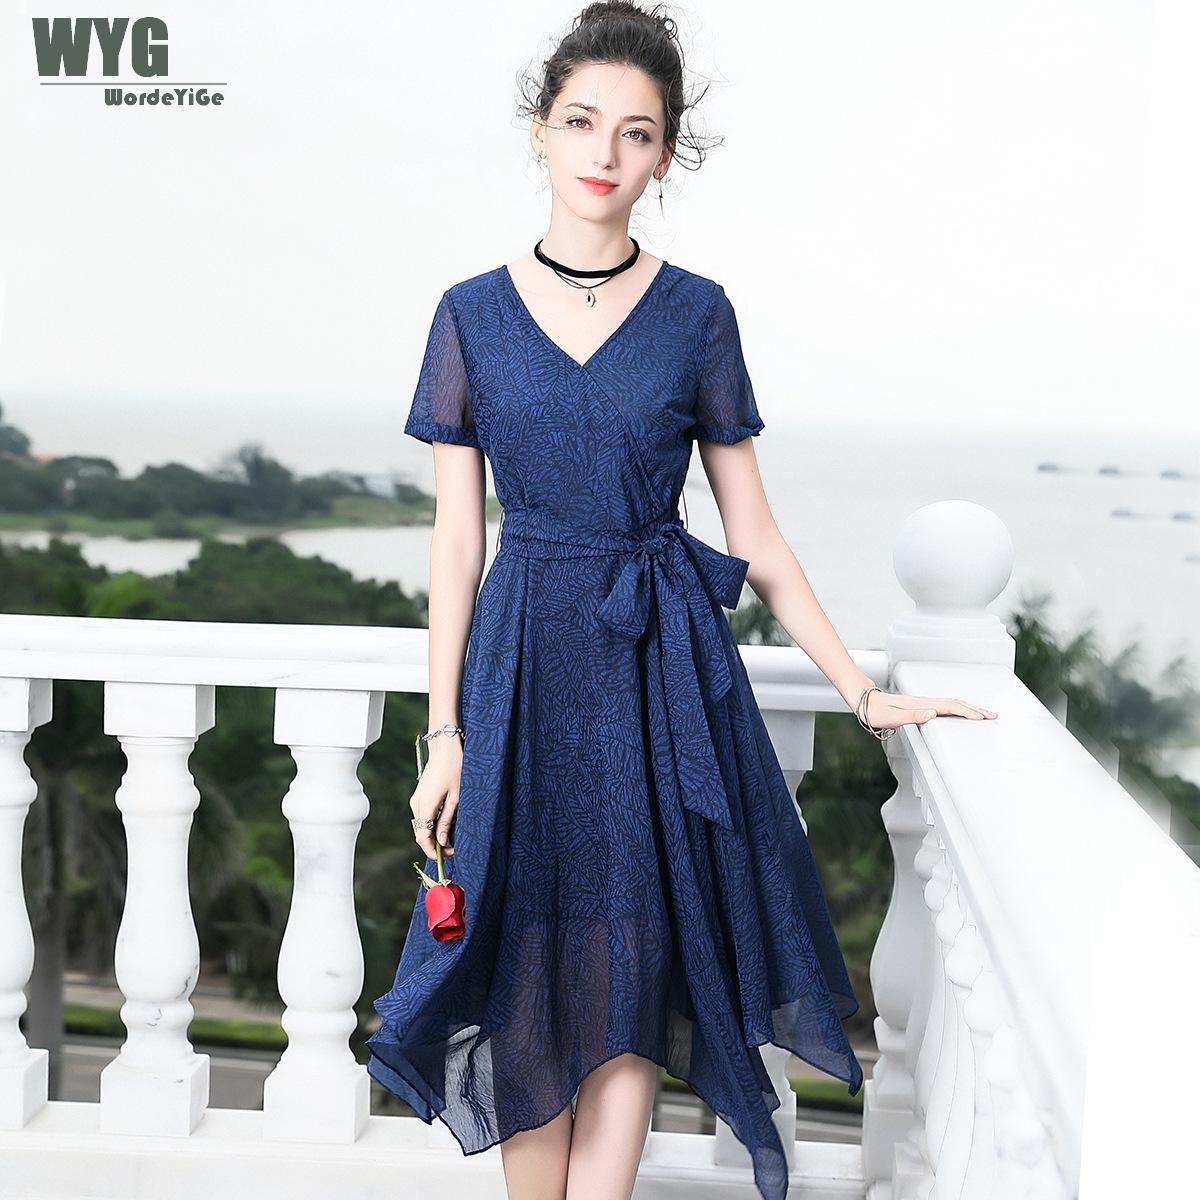 Здесь продается  WYG High Quality Designers Runway Dresses 2018 Summer Elegant Paris Fashion Royal Blue Short Sleeve Scarf Hem Irregular Dress  Одежда и аксессуары